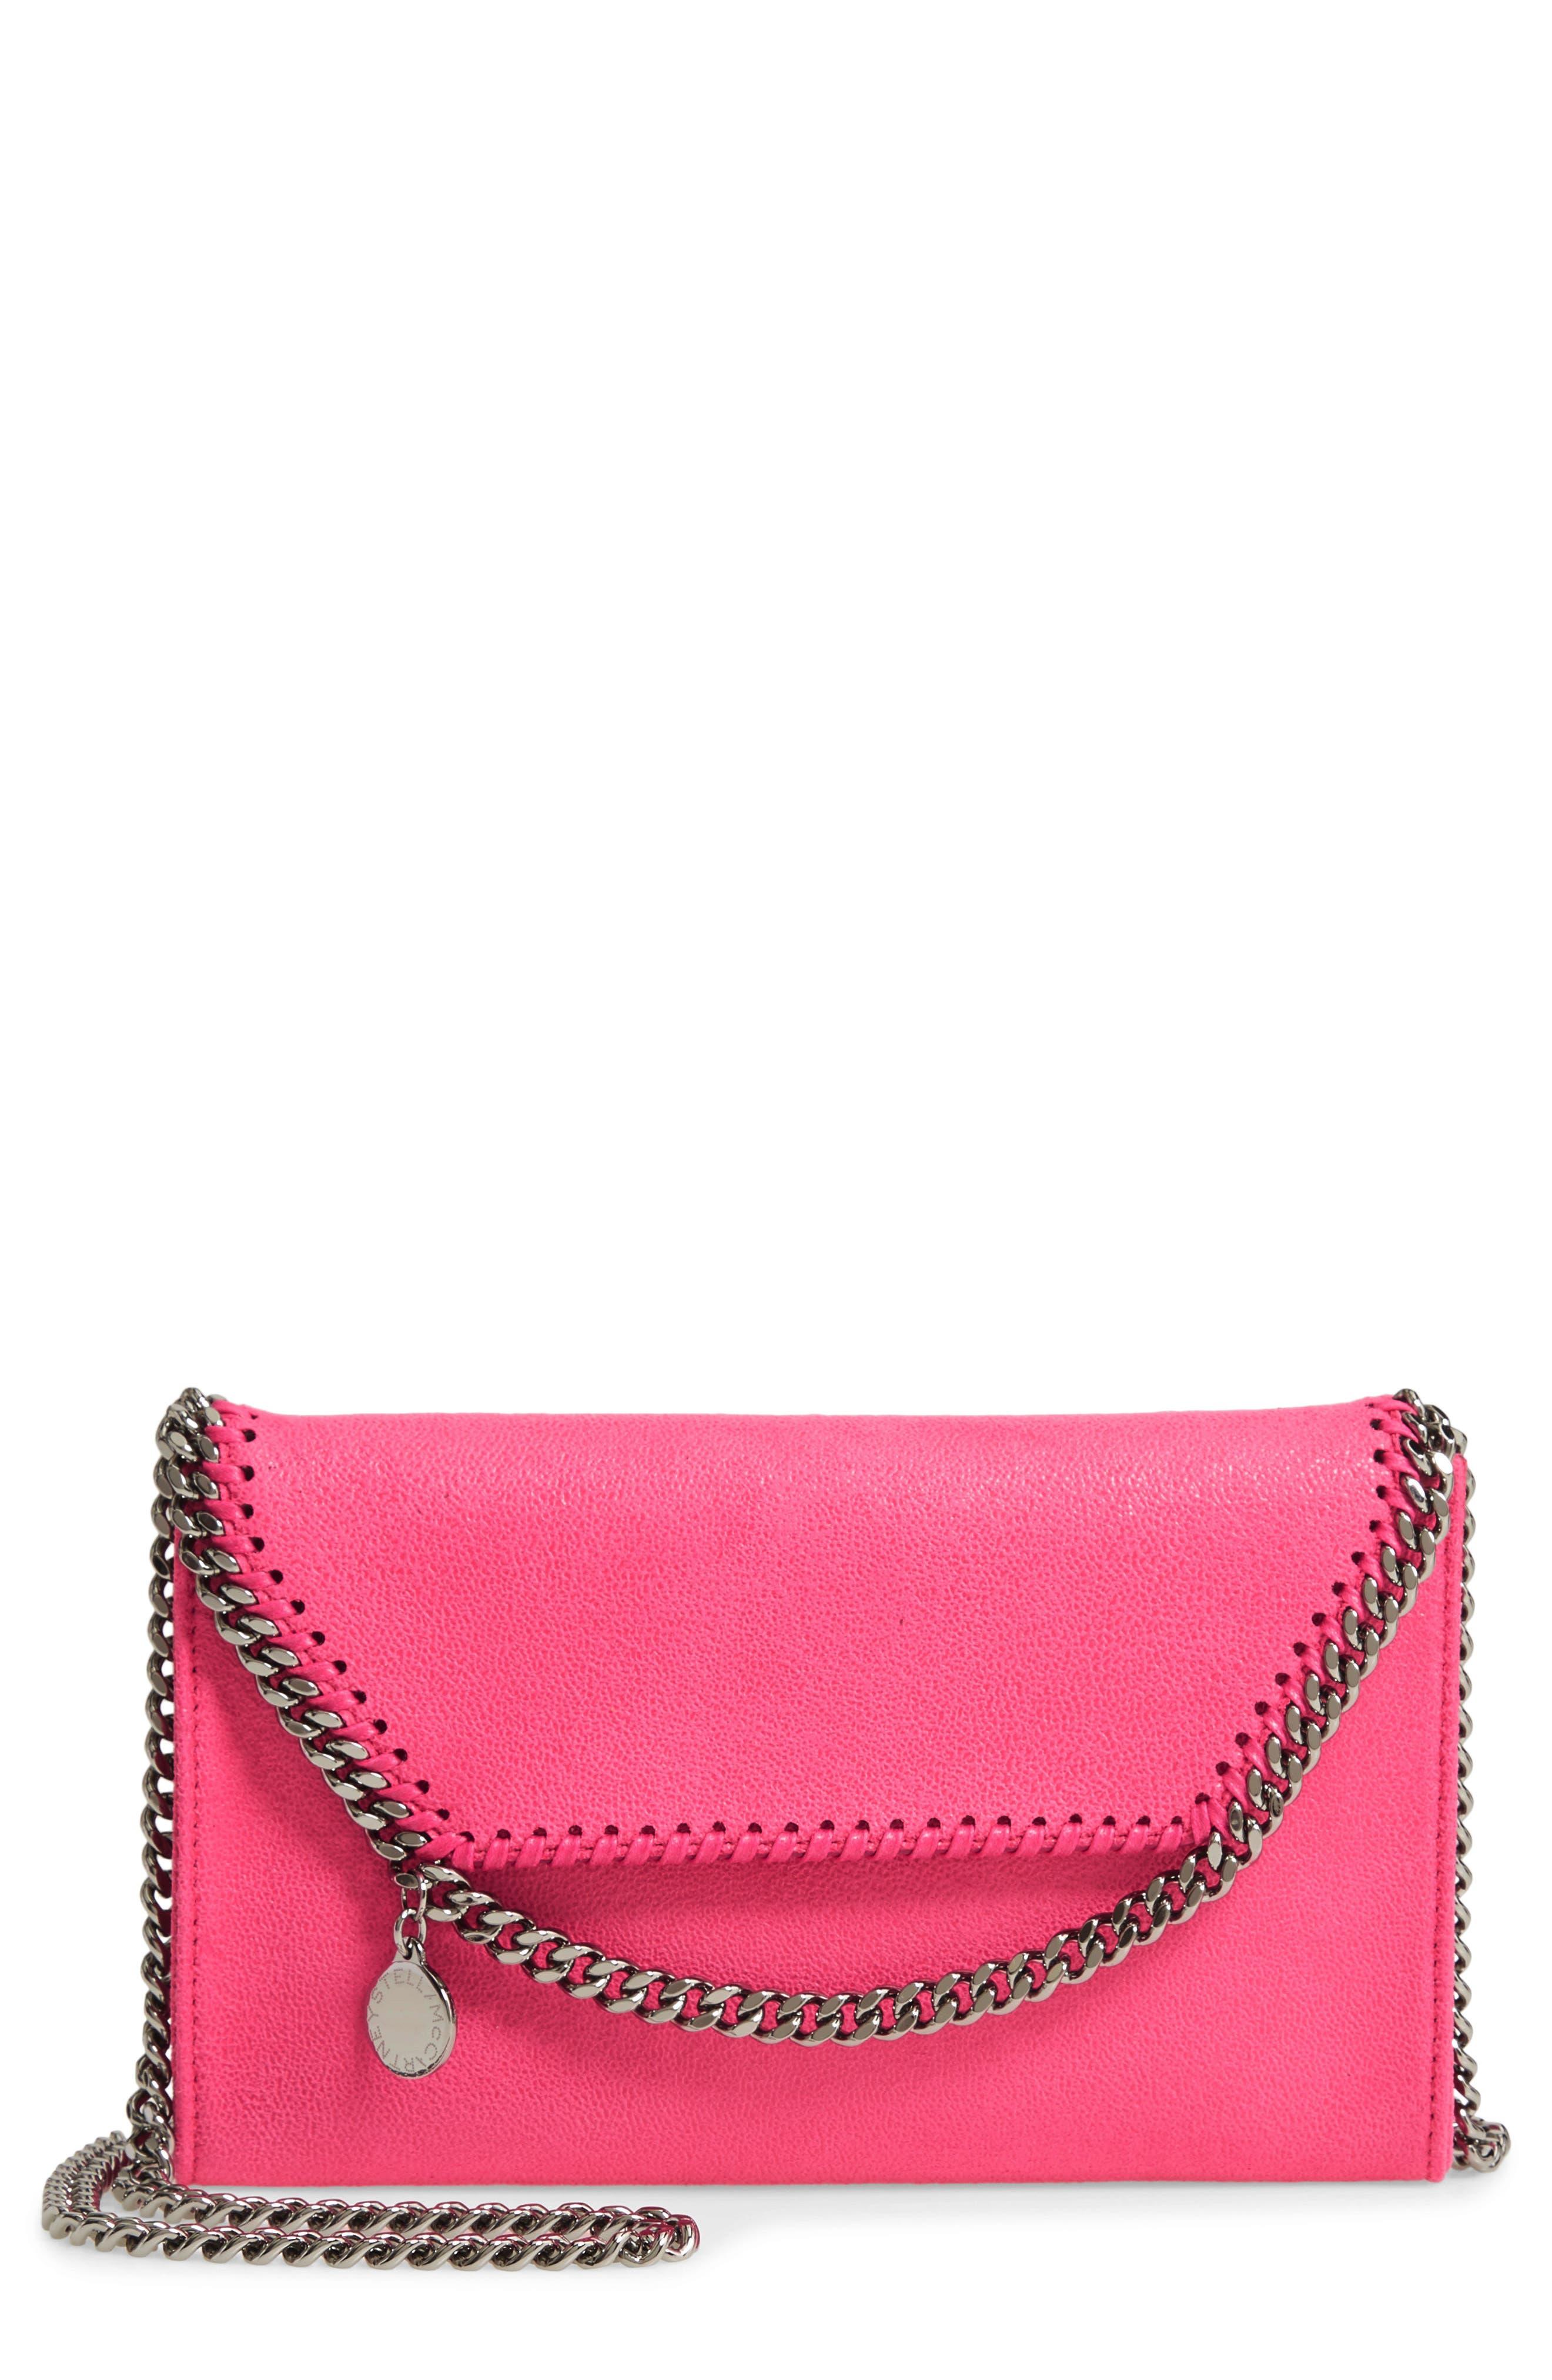 Stella McCartney Mini Falabella Shaggy Dear Faux Leather Crossbody Bag   Nordstrom